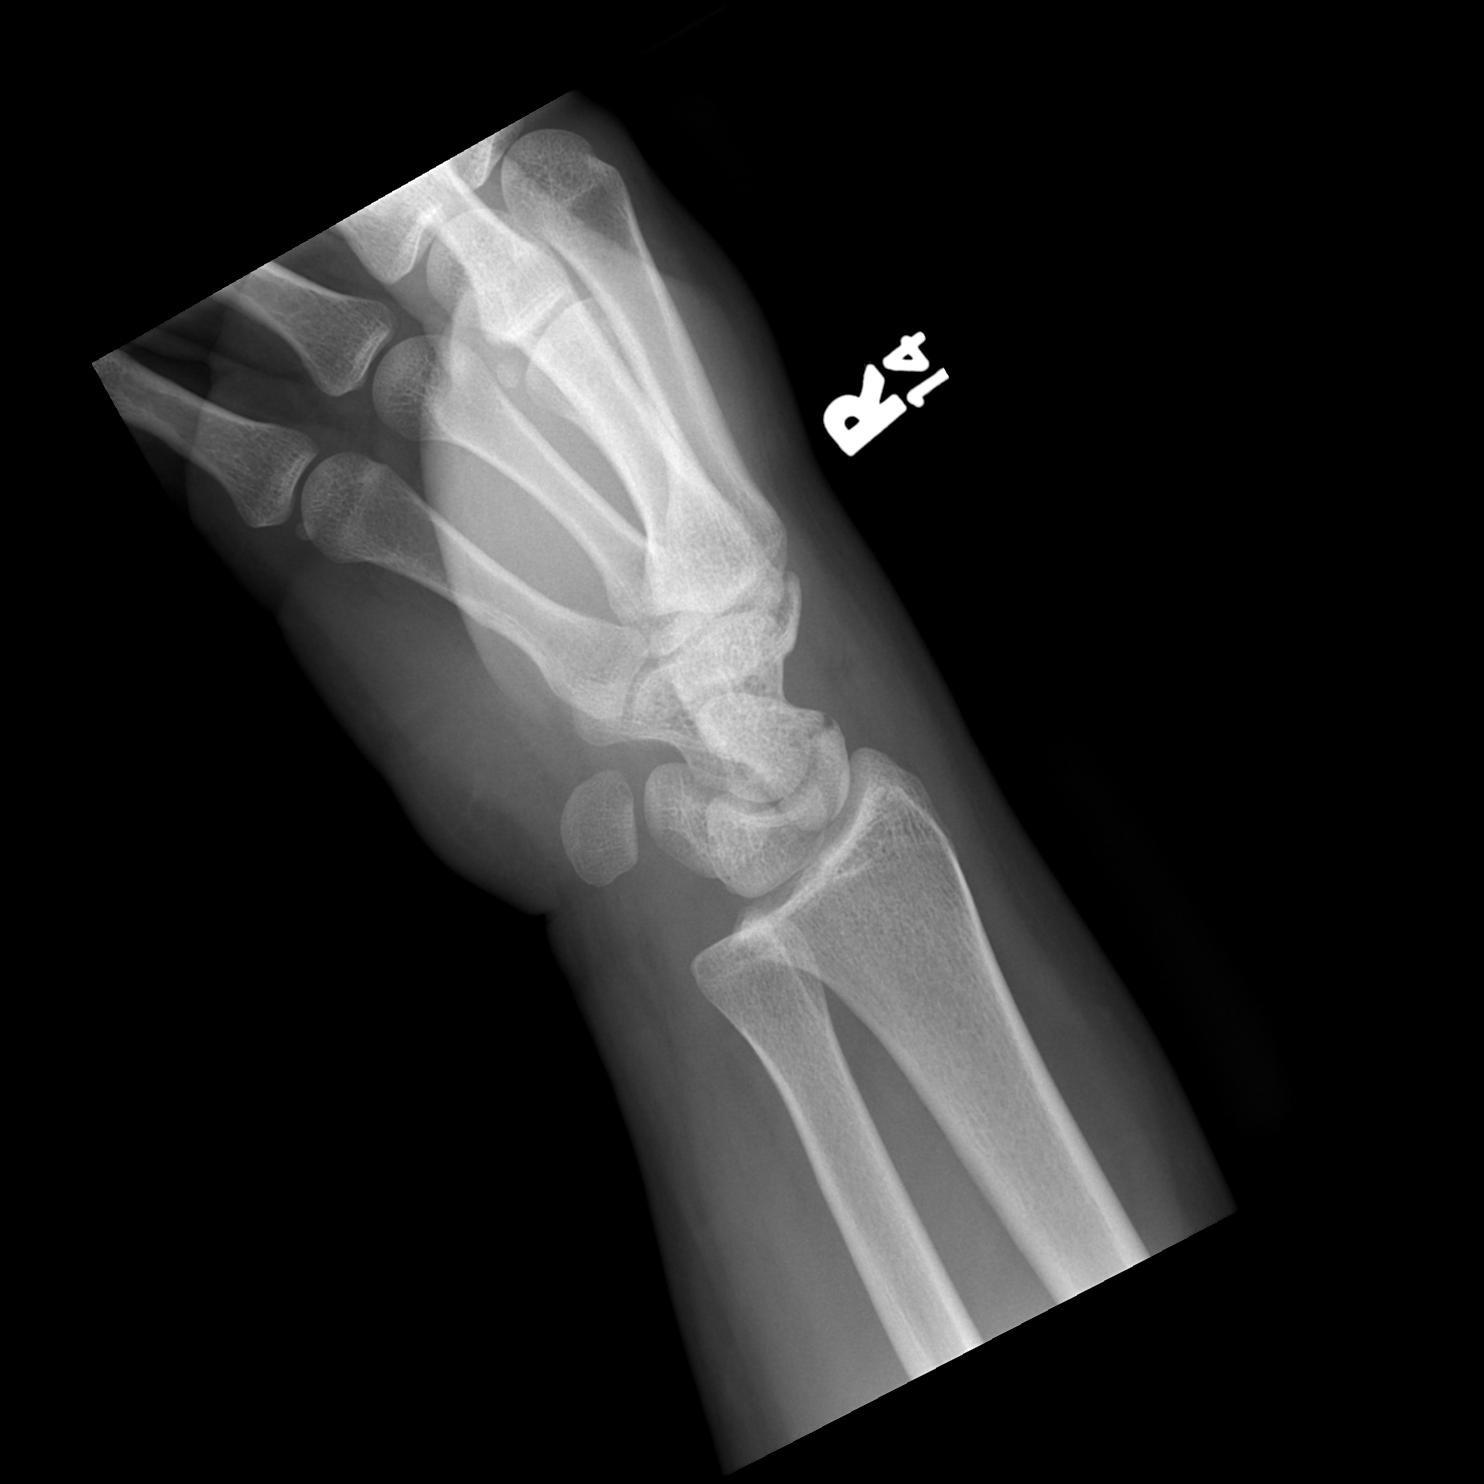 Triquetrum Fracture Fracture Treatment